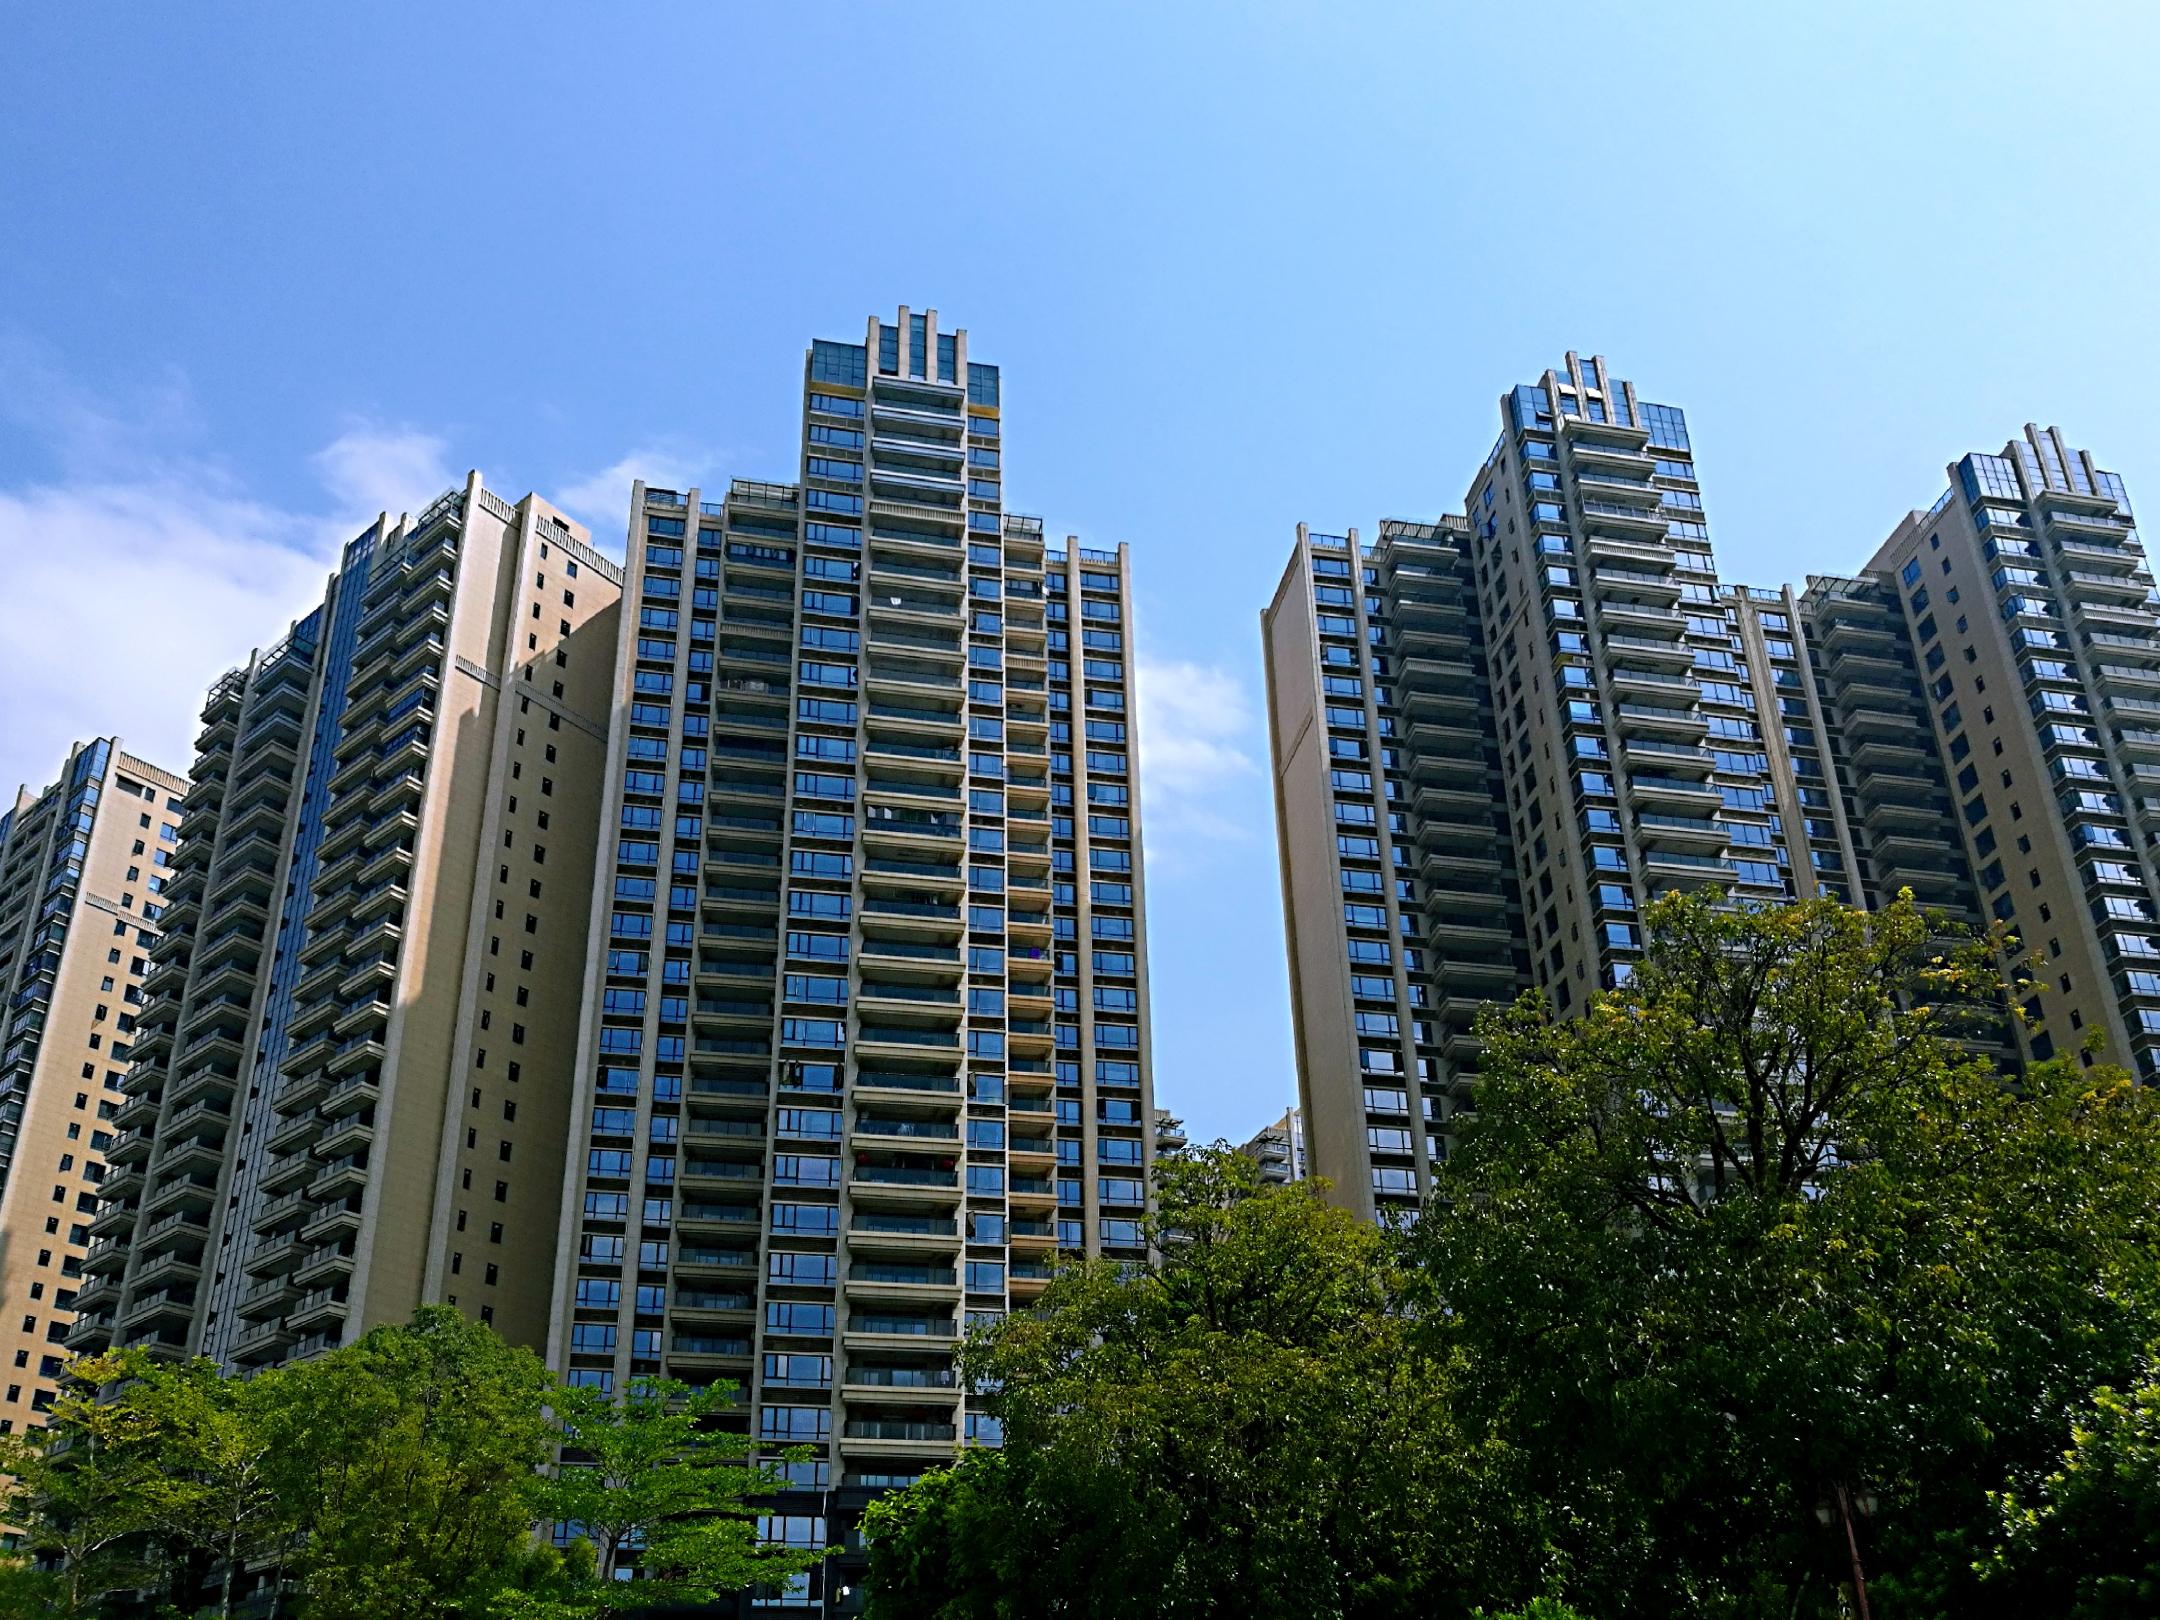 深圳地铁12号线取得突破 主体工程开工率已达92%